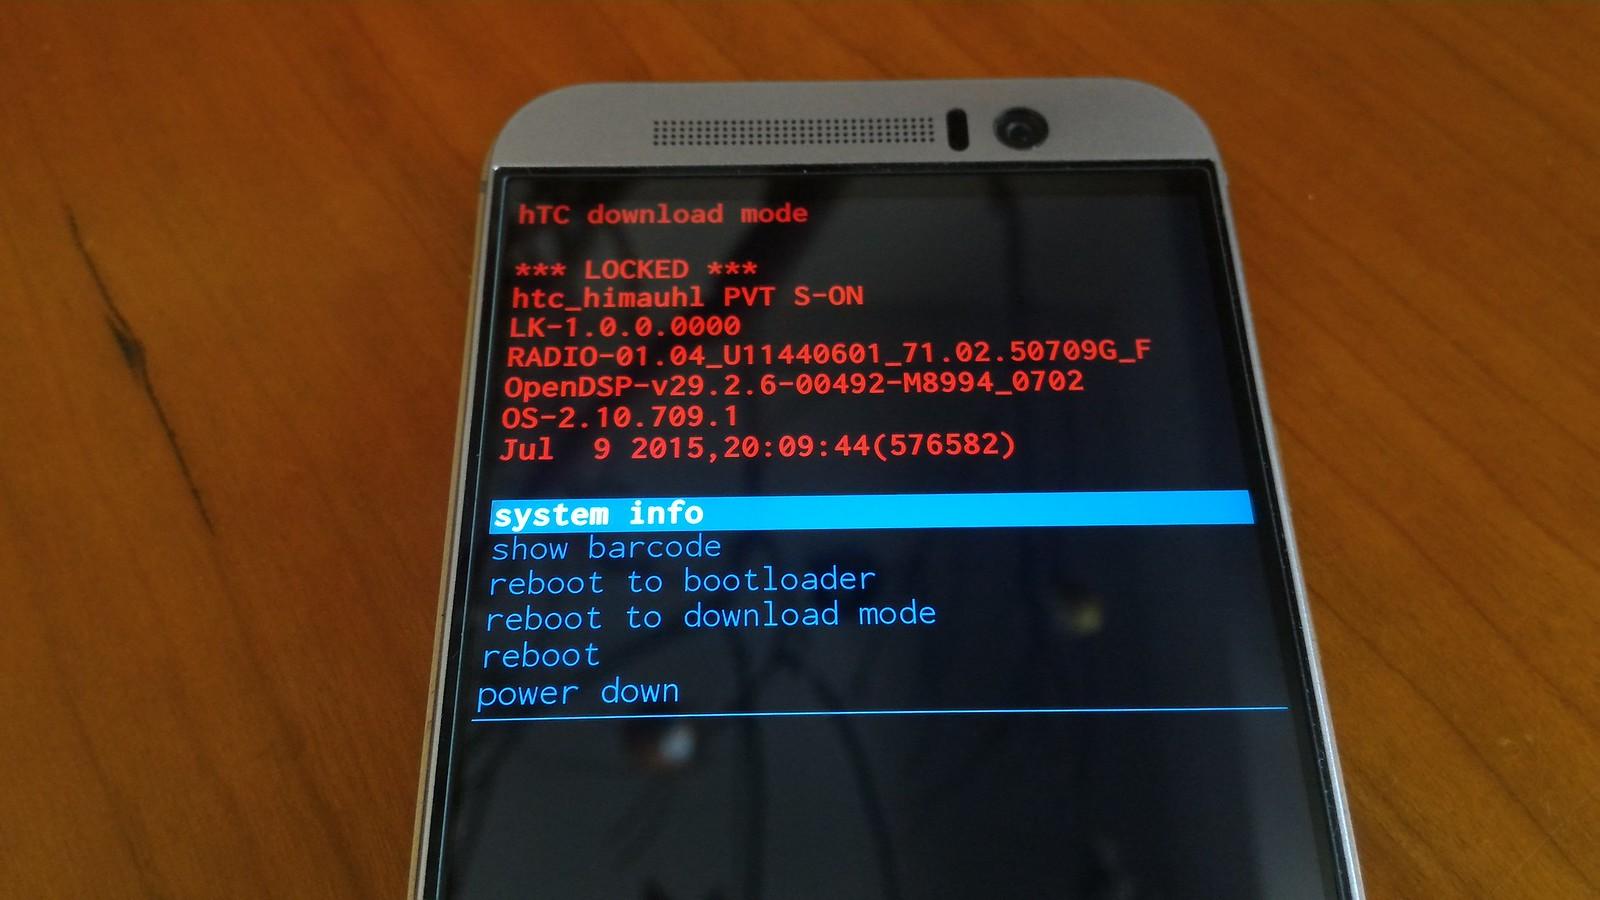 開機鍵與音量鍵的另一種用途-工程模式(bootloader、recovery) - HTC論壇